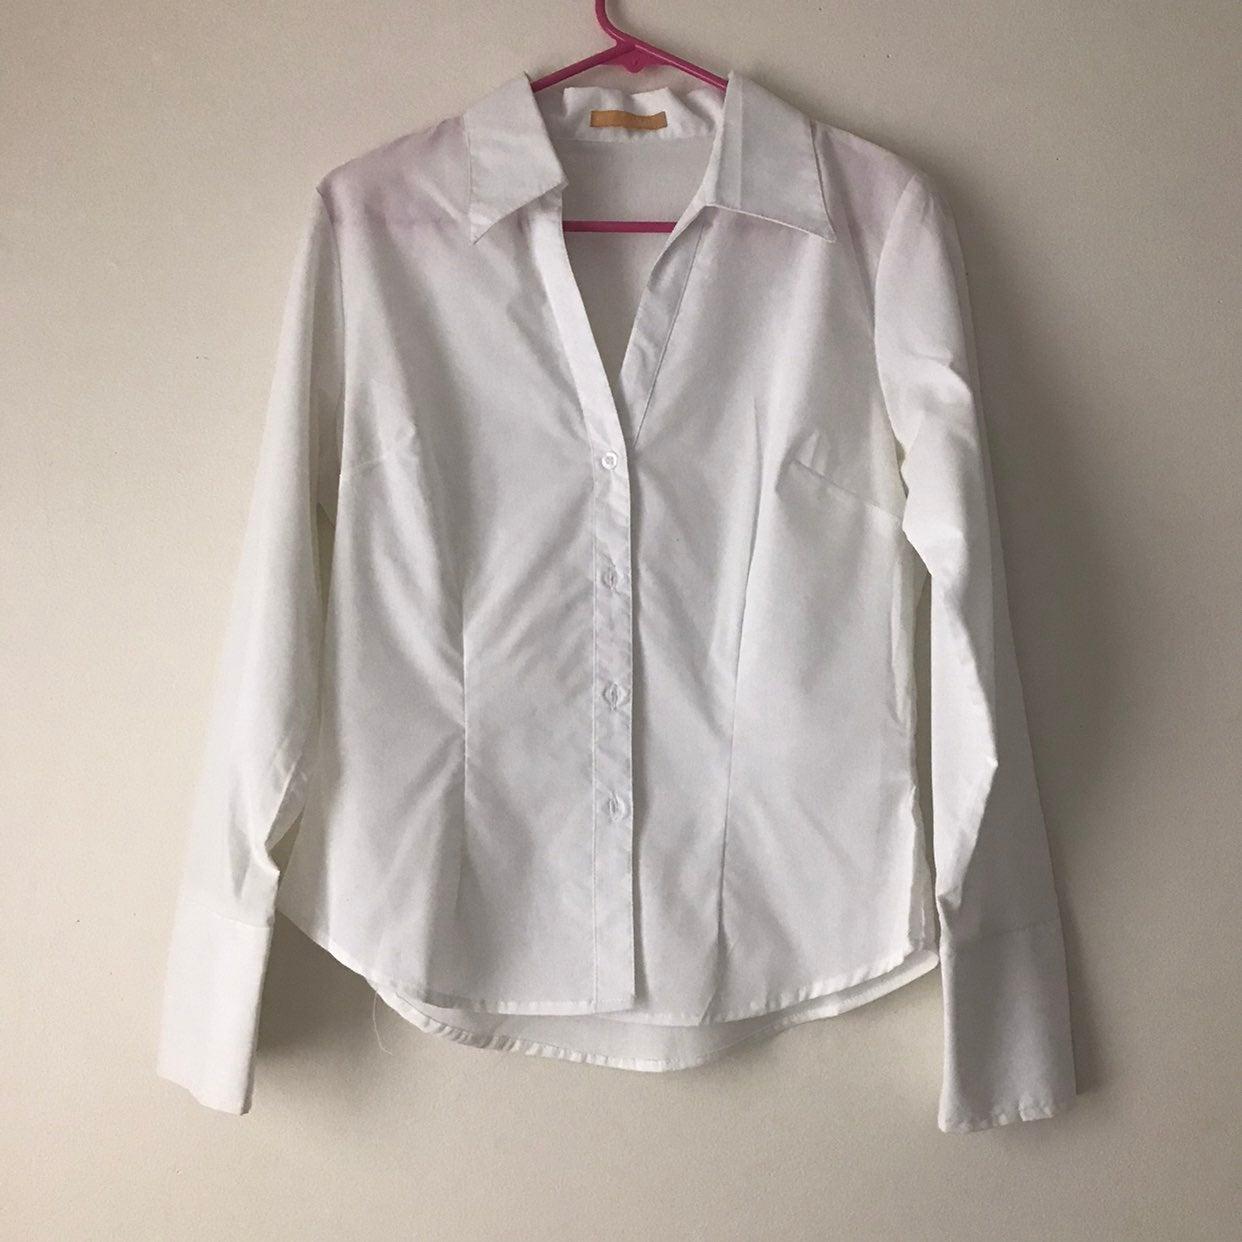 2 white button down shirts size M